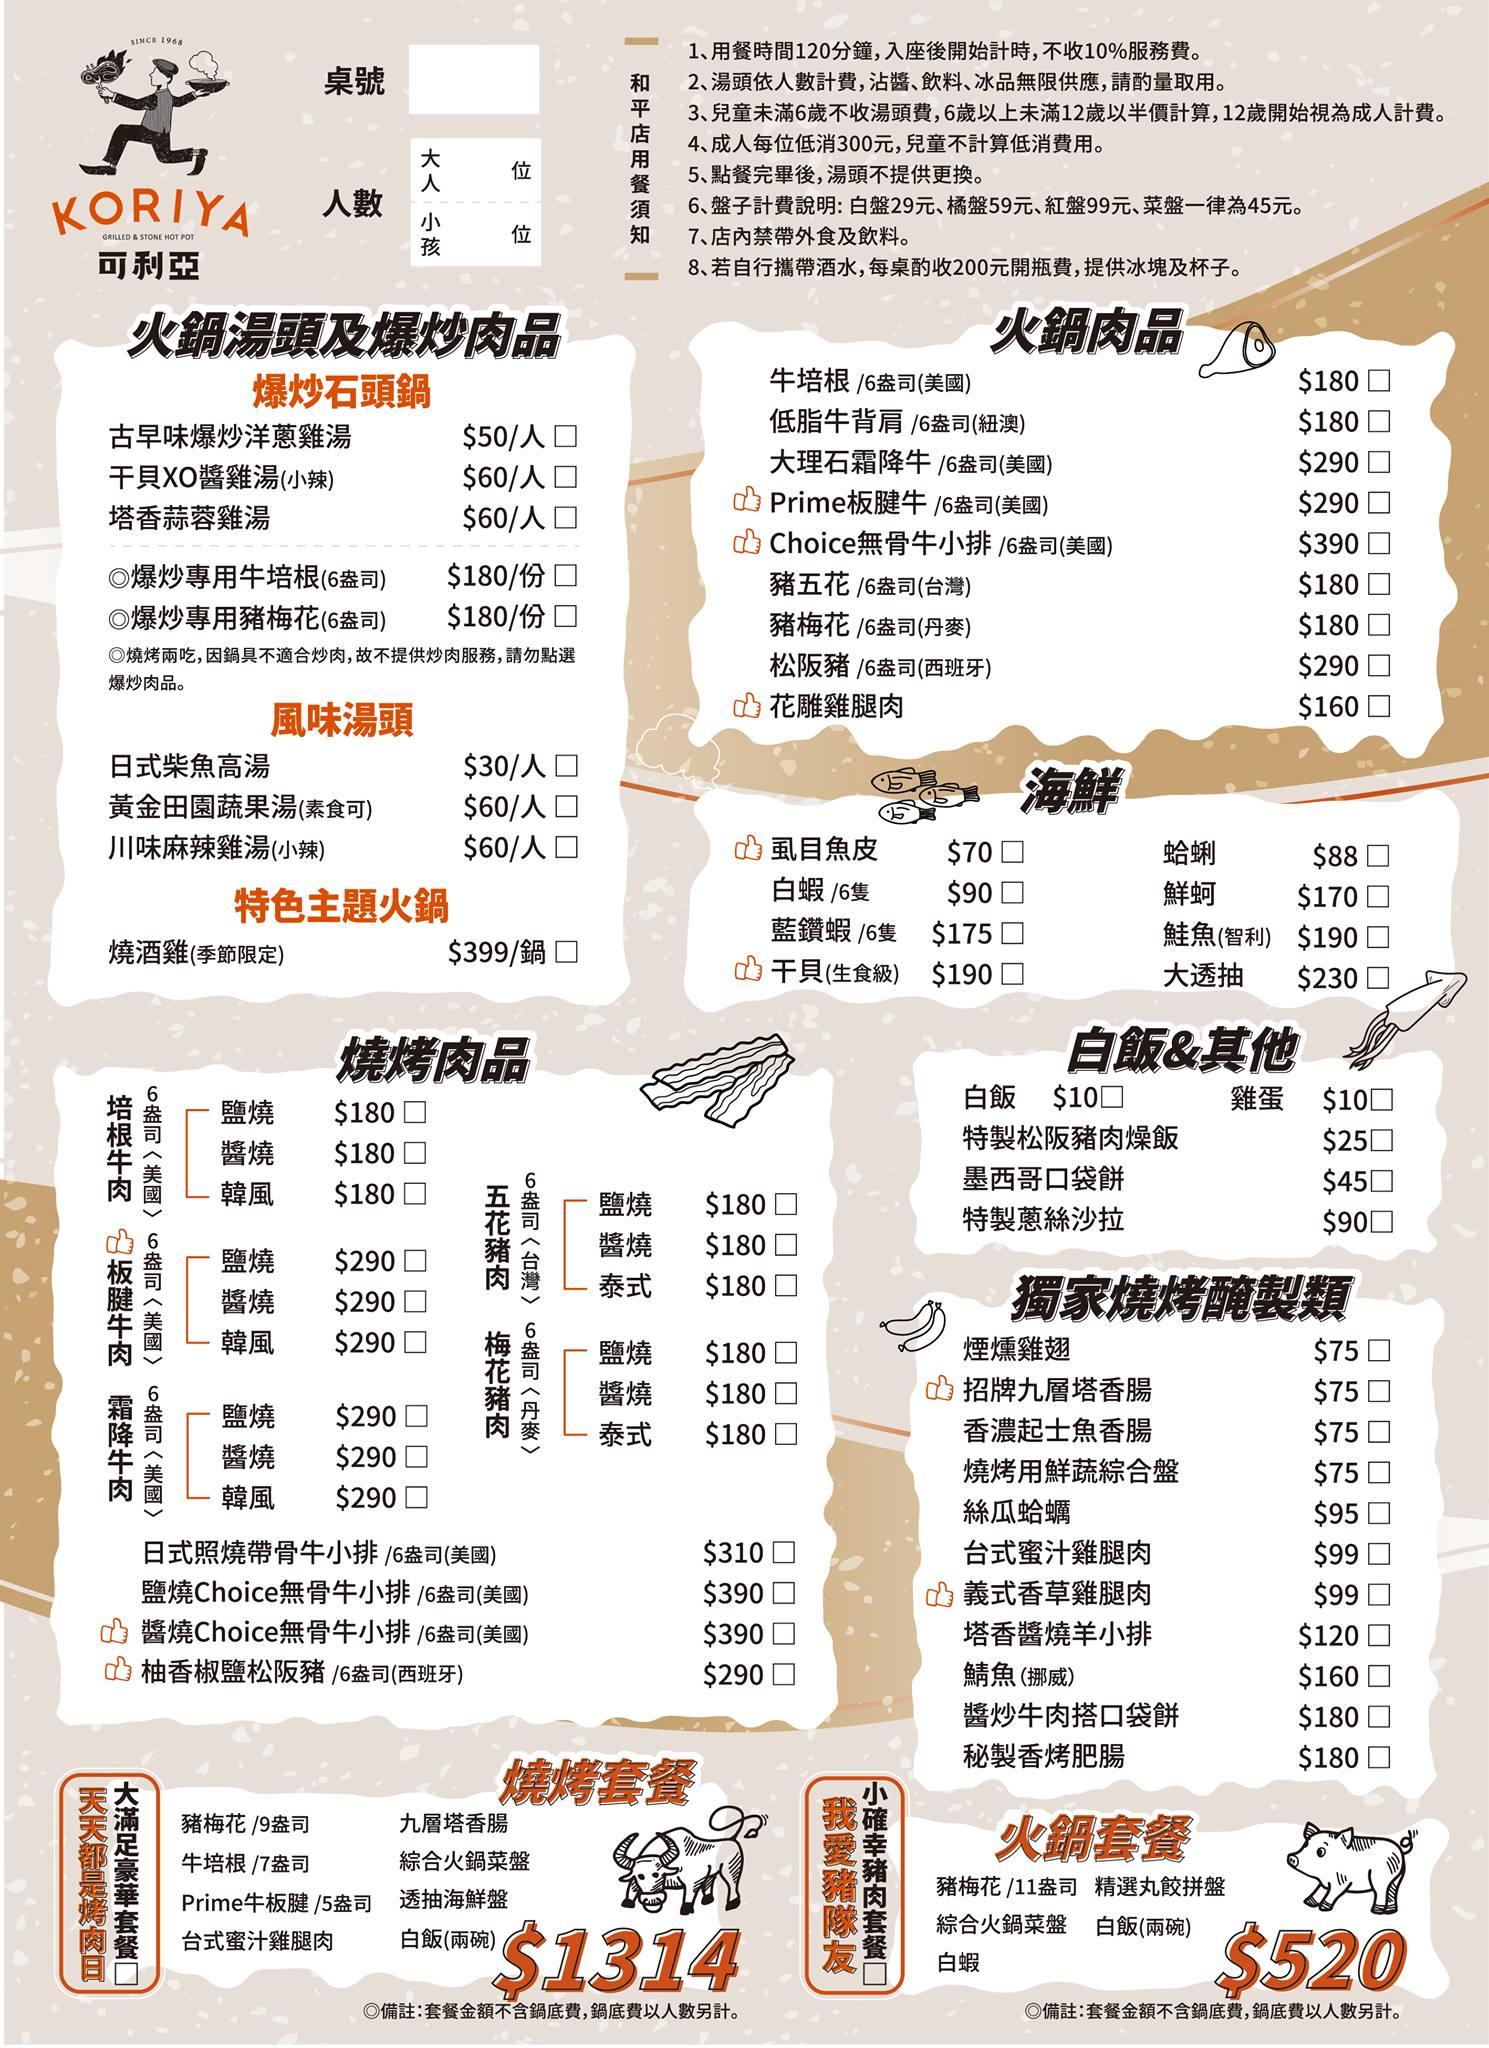 可利亞無煙炭火燒肉日式涮涮鍋 高雄燒肉推薦 菜單 MENU